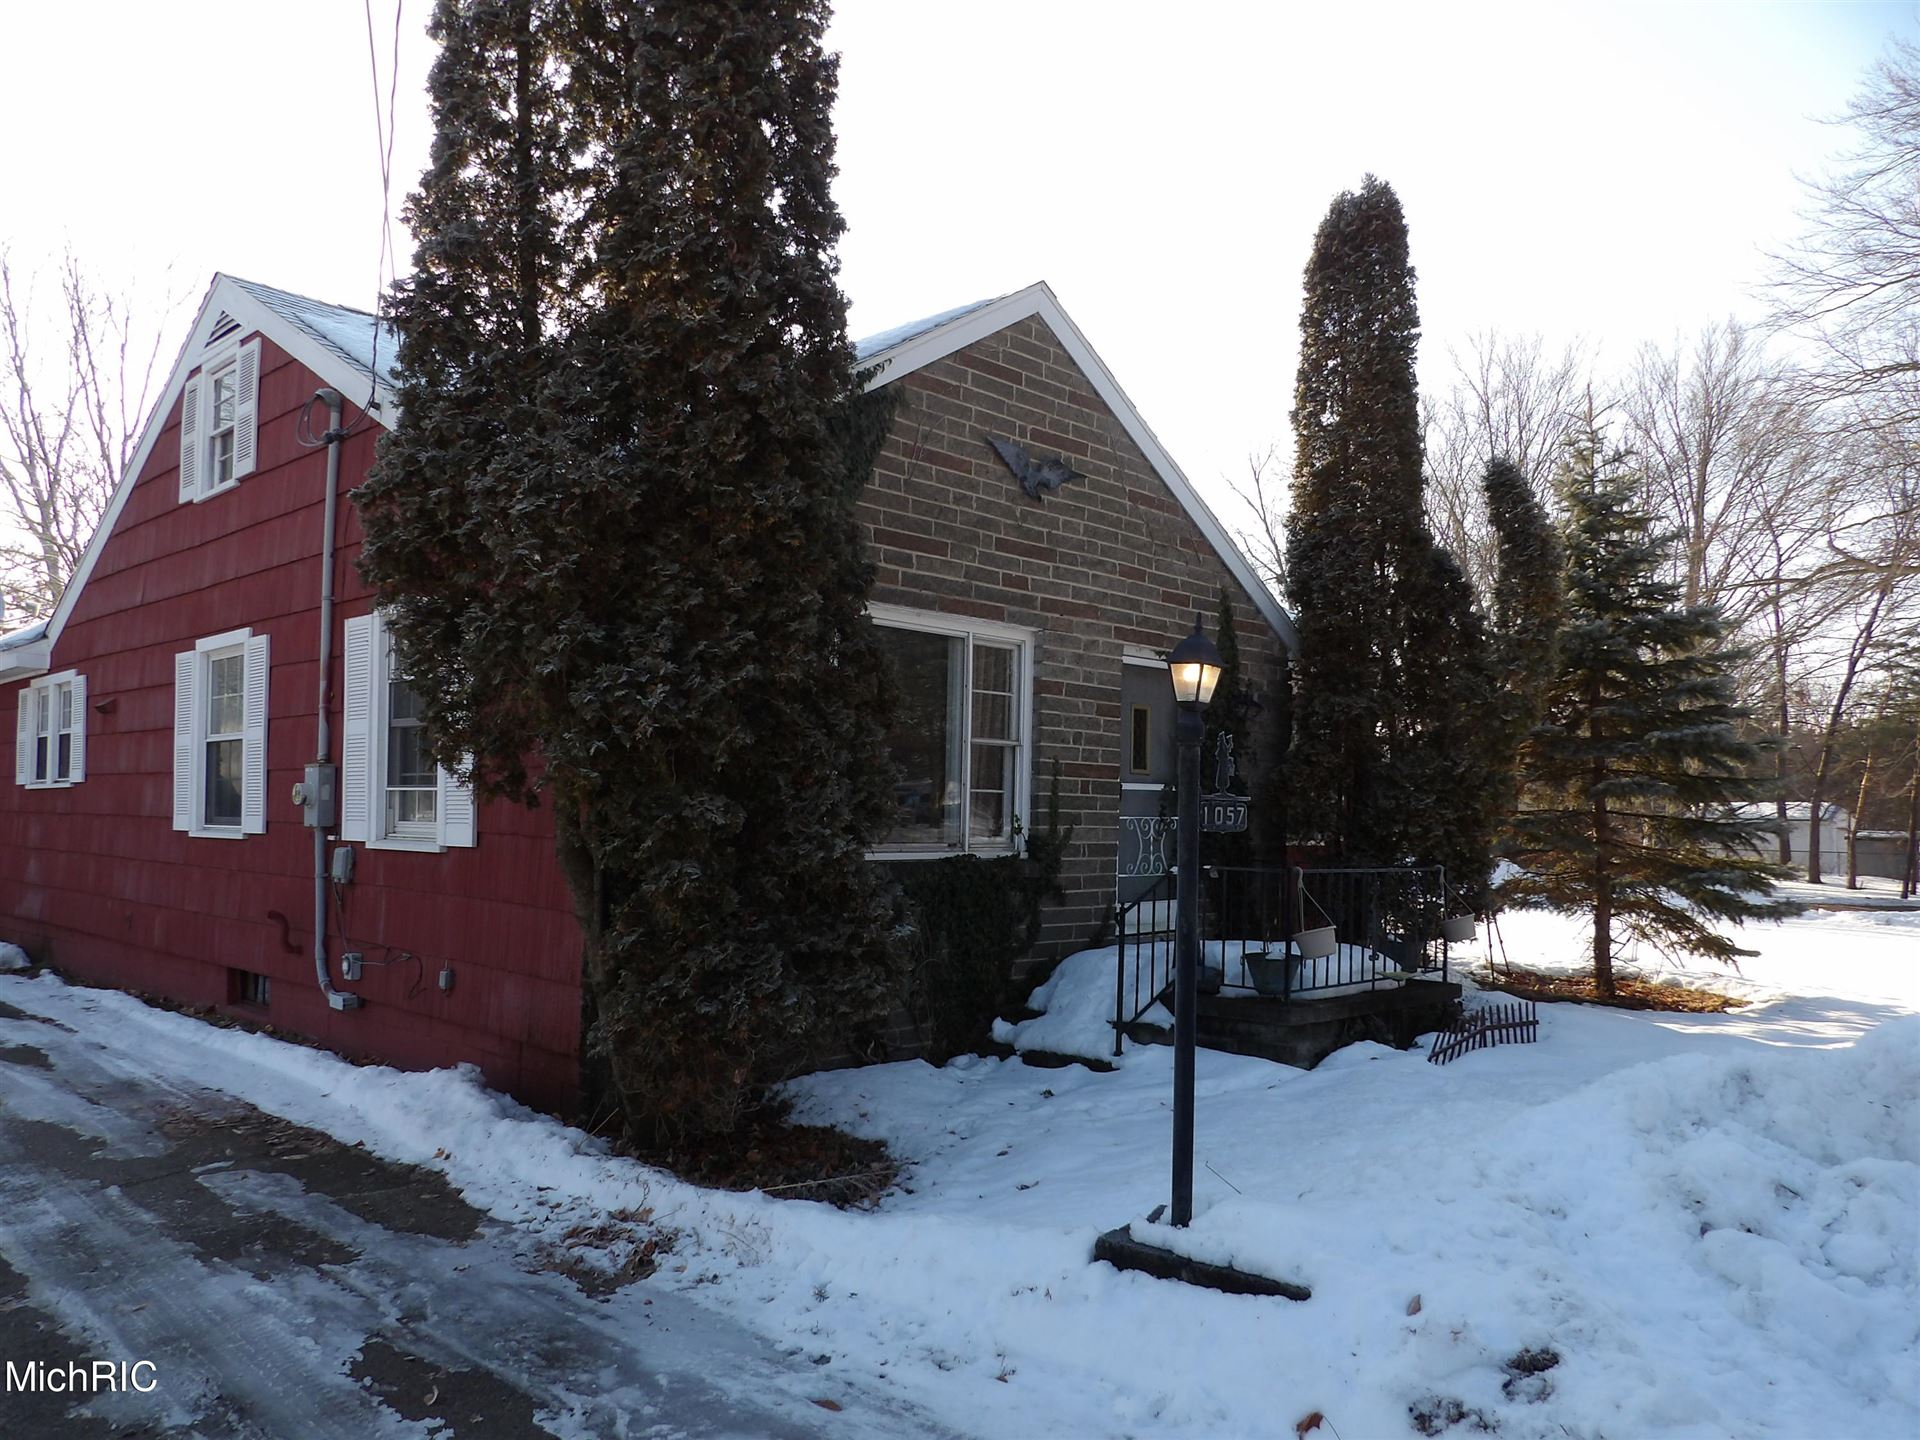 Photo of 1057 Sunset Lane, Muskegon, MI 49441 (MLS # 21005820)